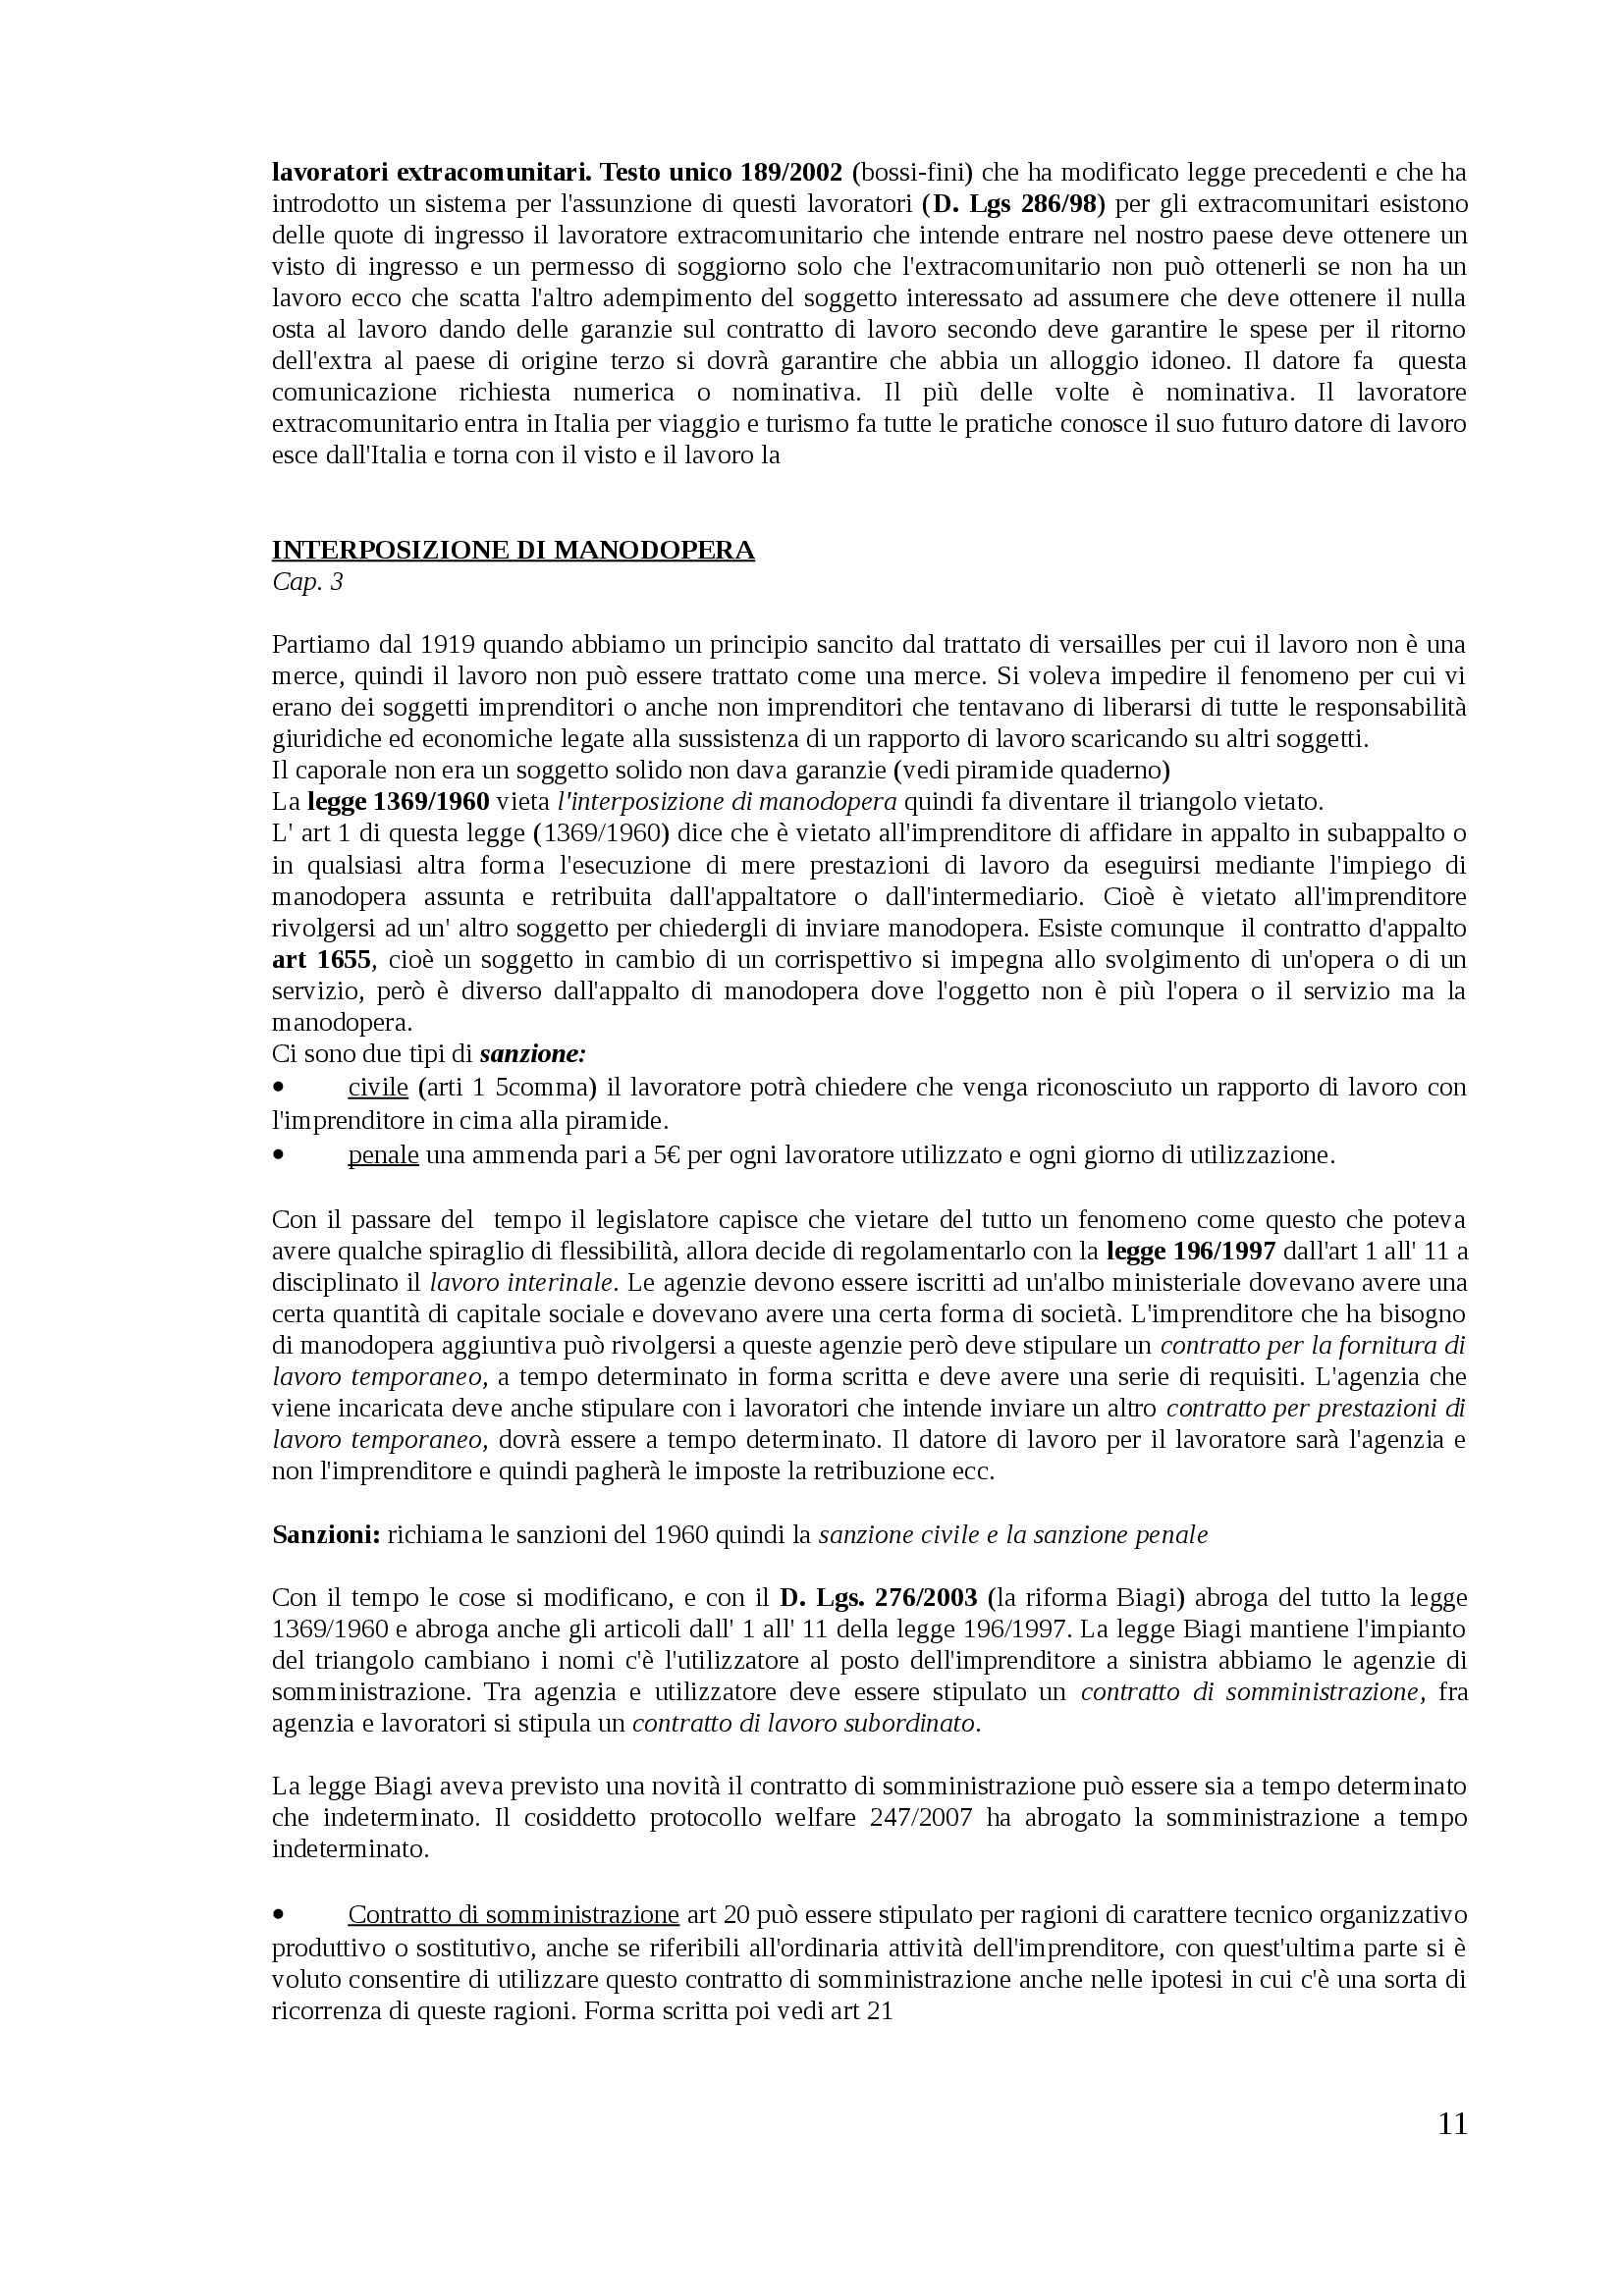 Diritto del lavoro - Appunti Pag. 11